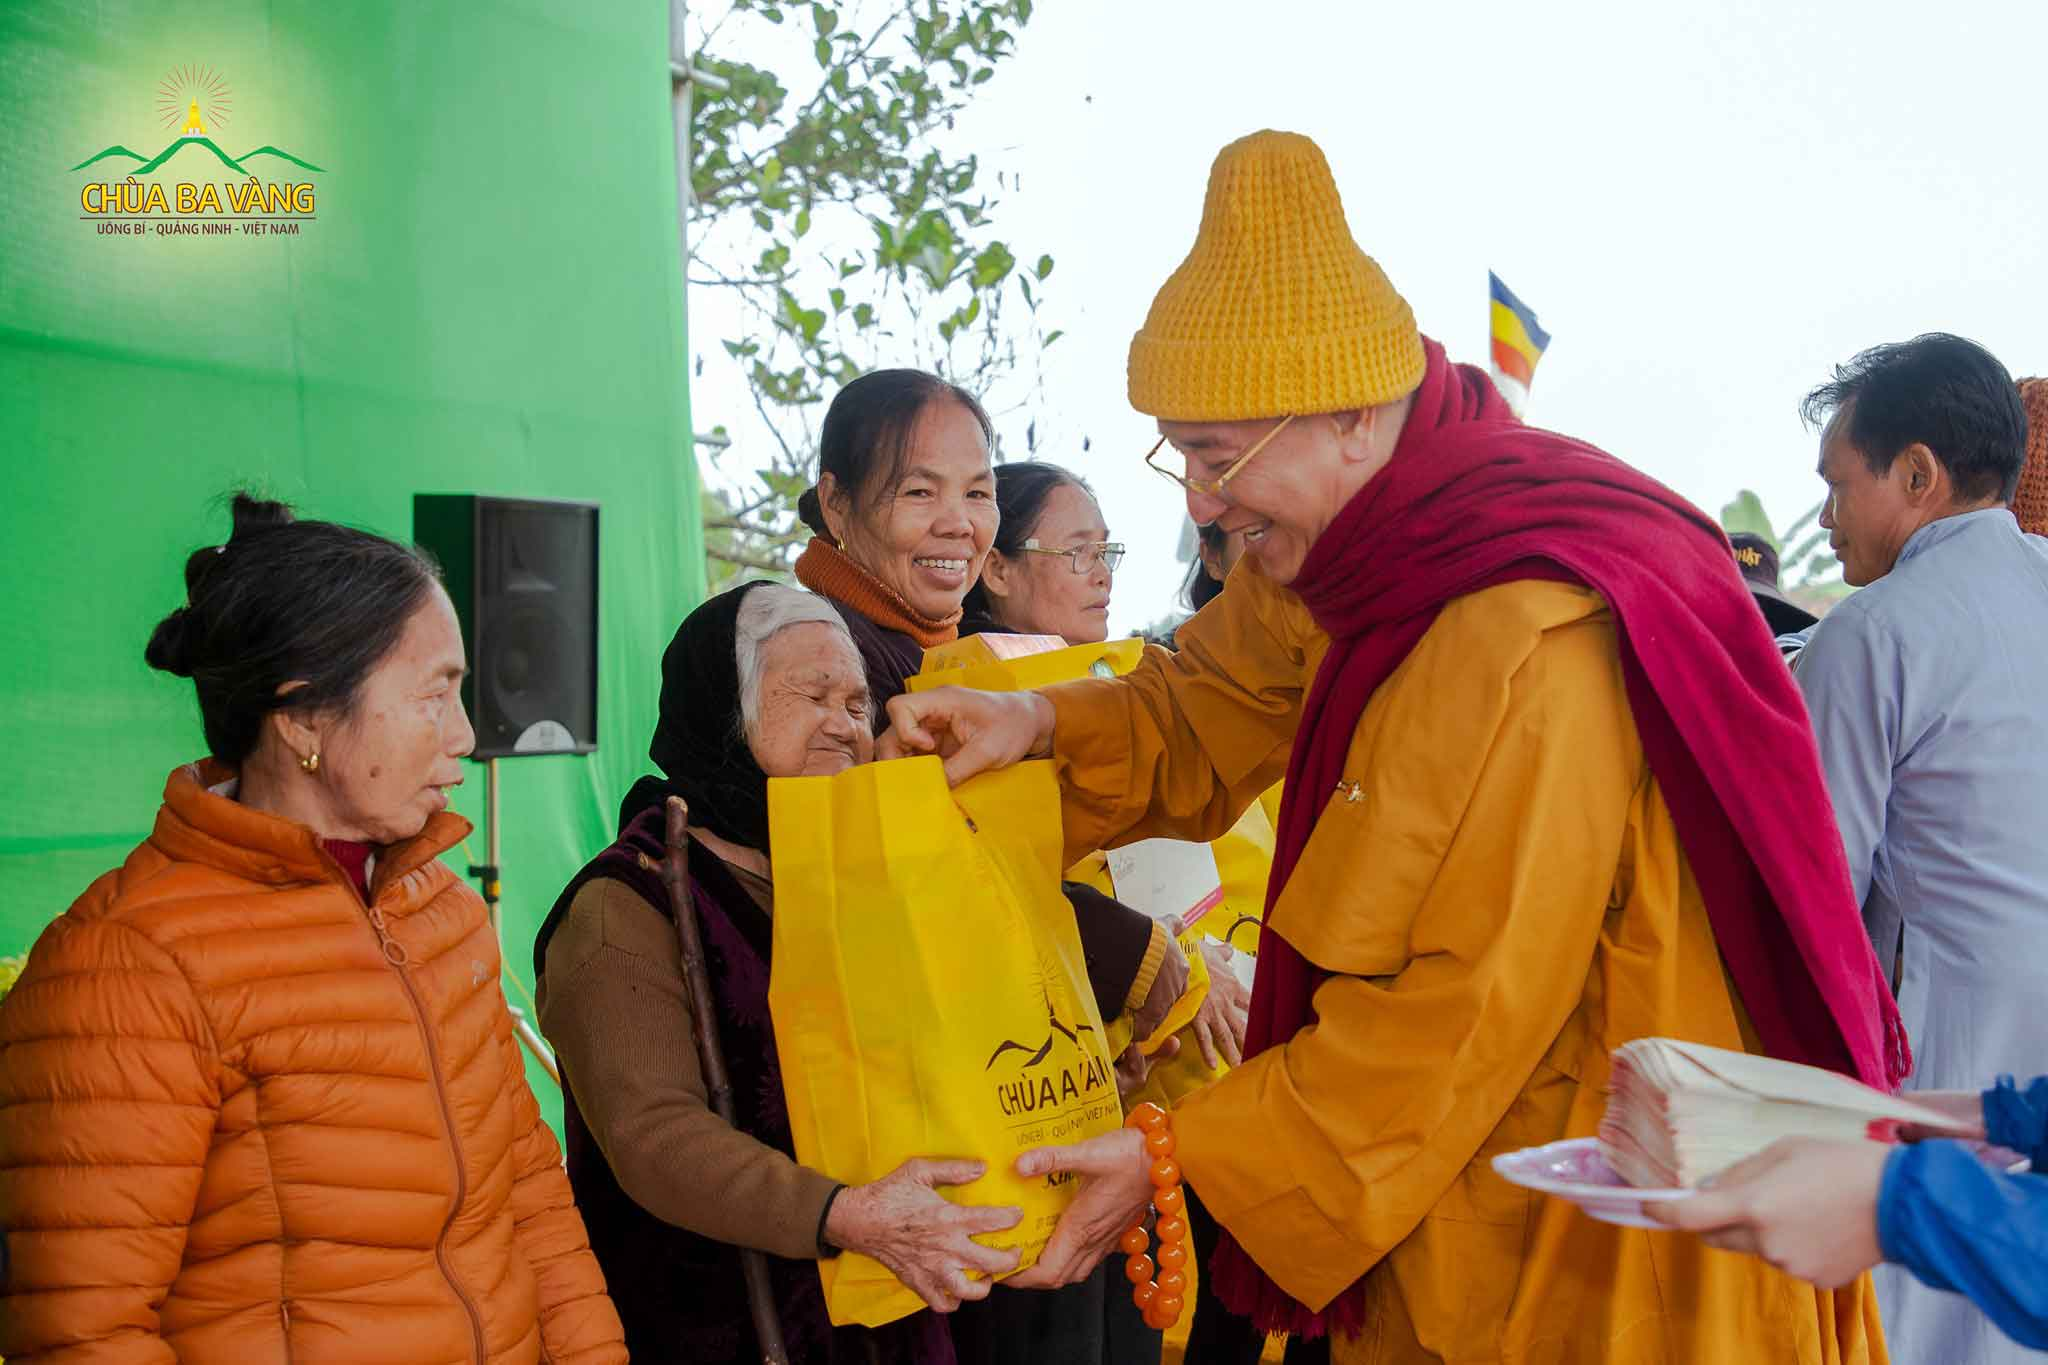 Niềm hạnh phúc của người dân khi được Sư Phụ Thích Trúc Thái Minh trao tặng quà